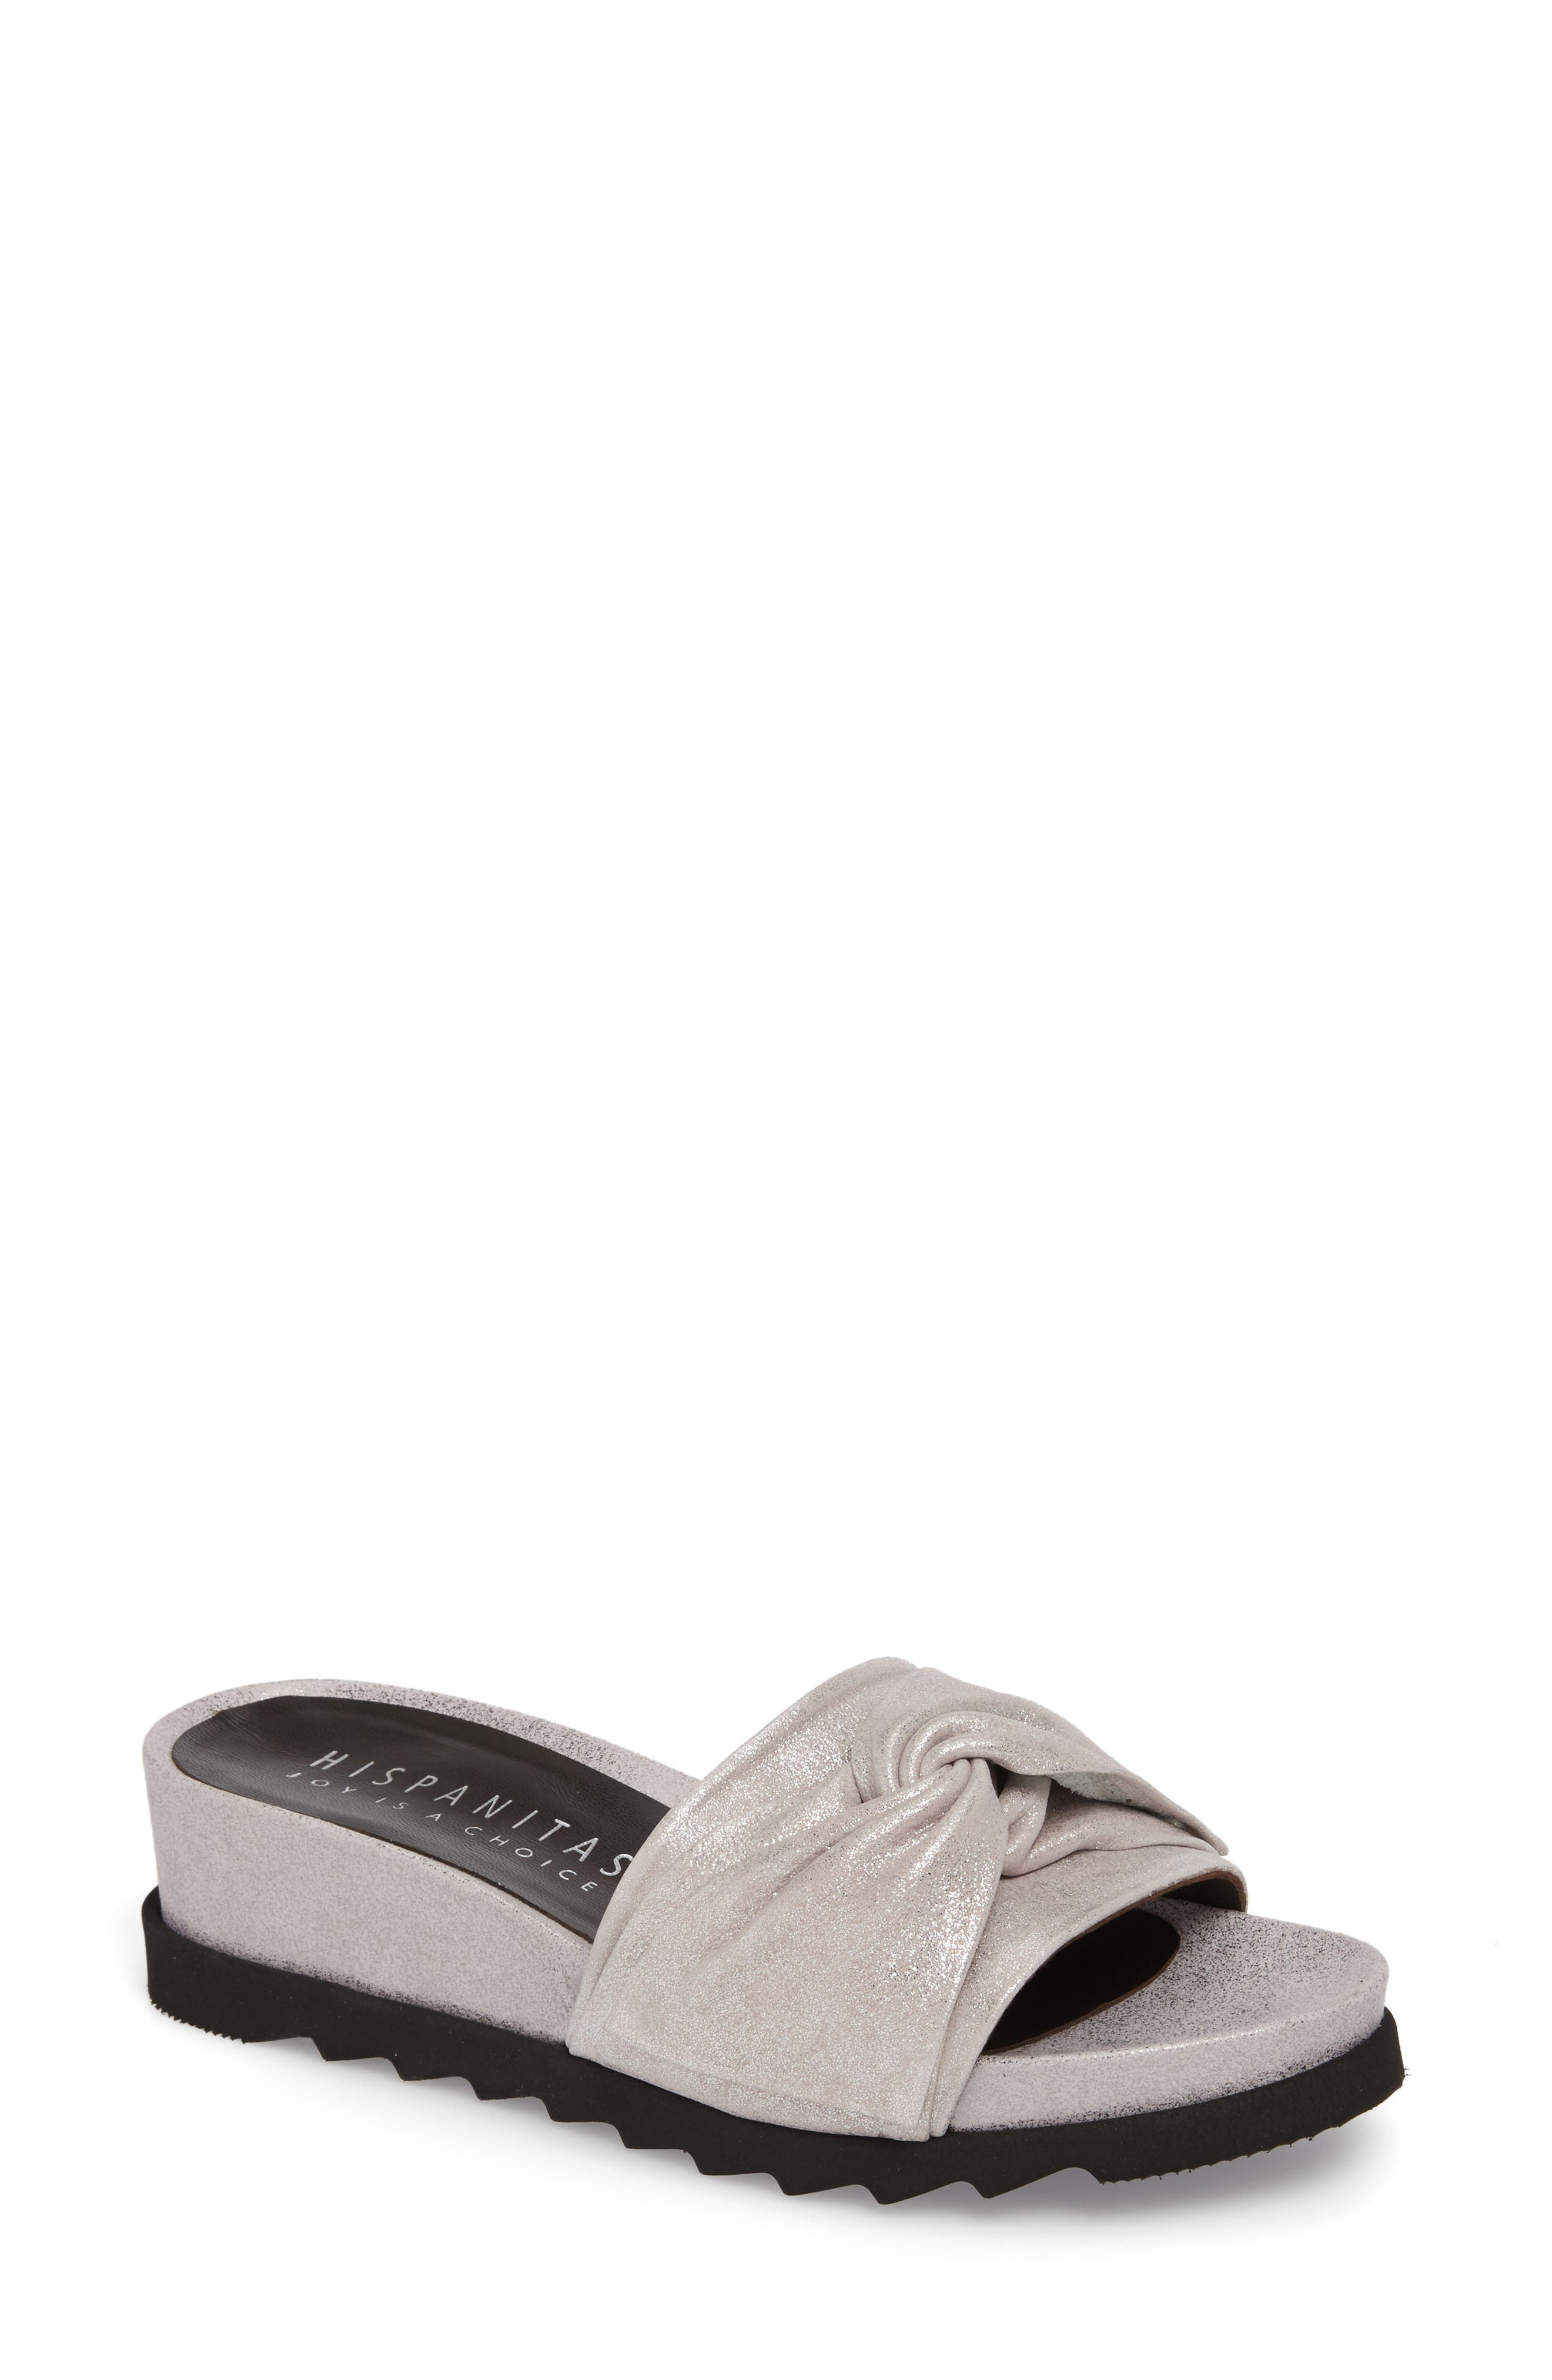 Bennett Slide Sandal,                         Main,                         color,